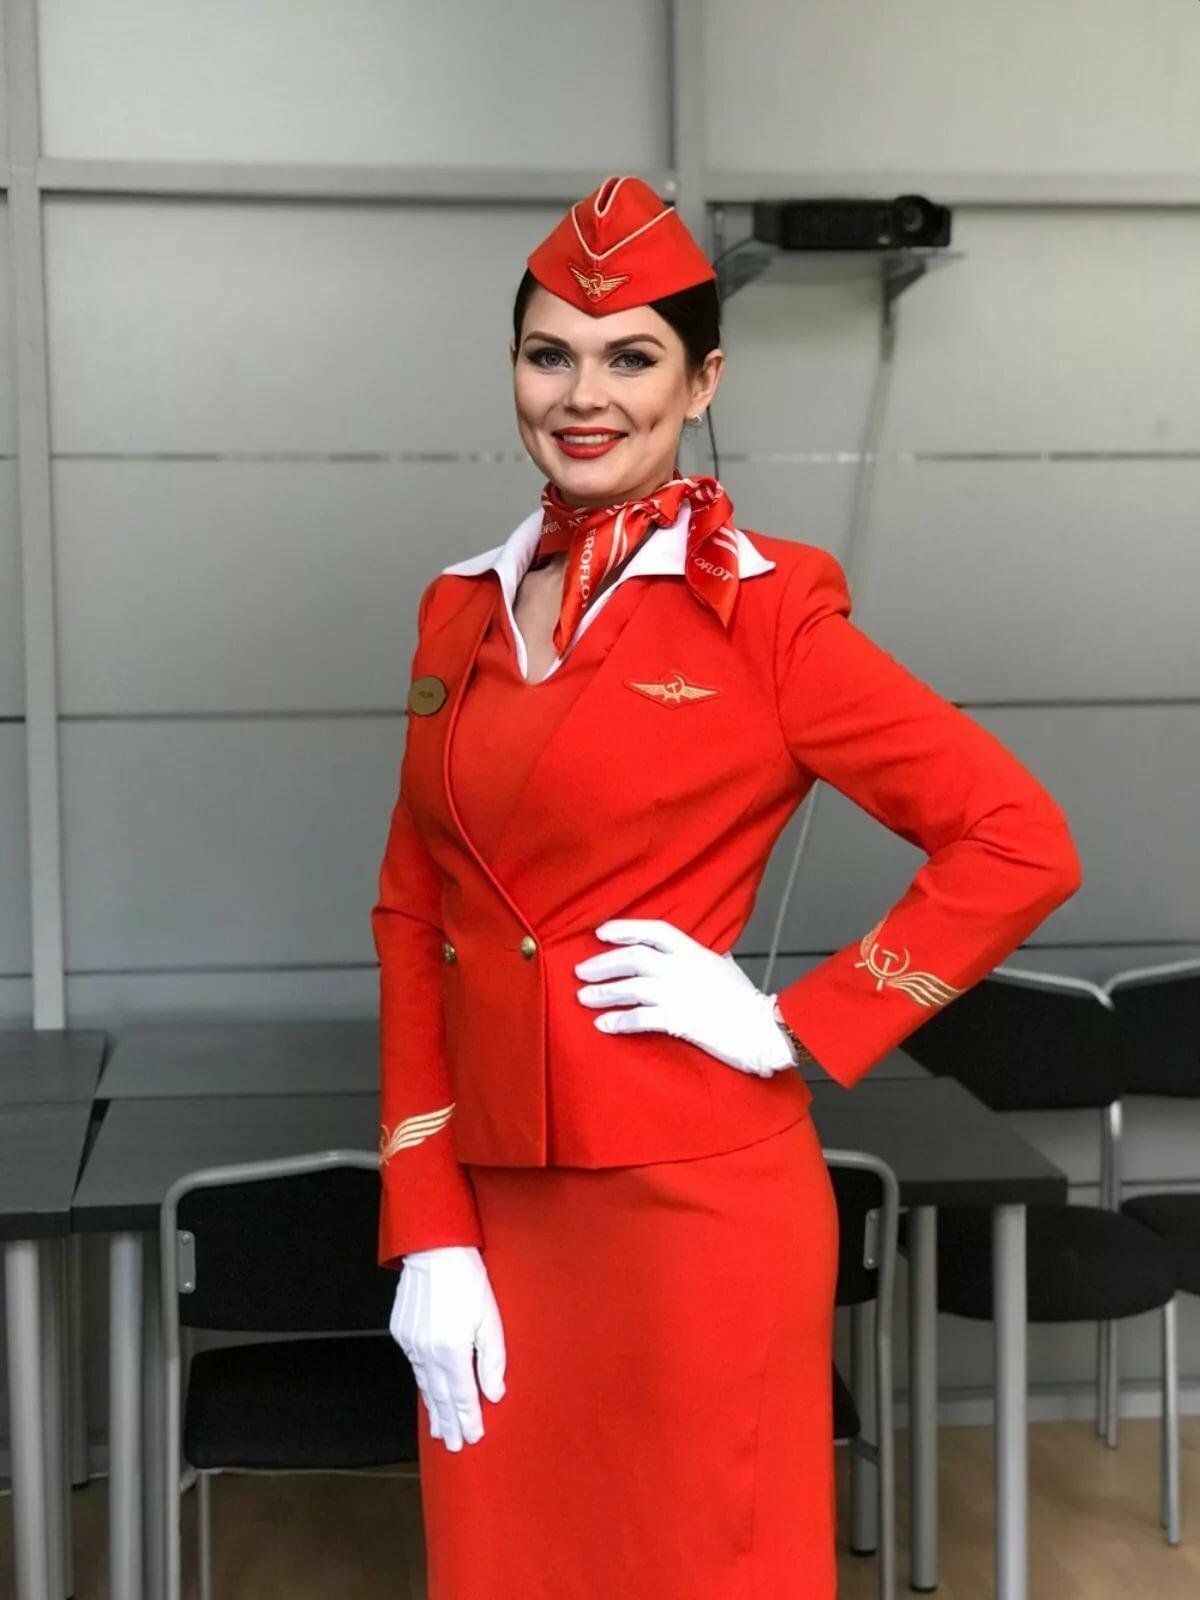 того картинки форма стюардессы фотосессия